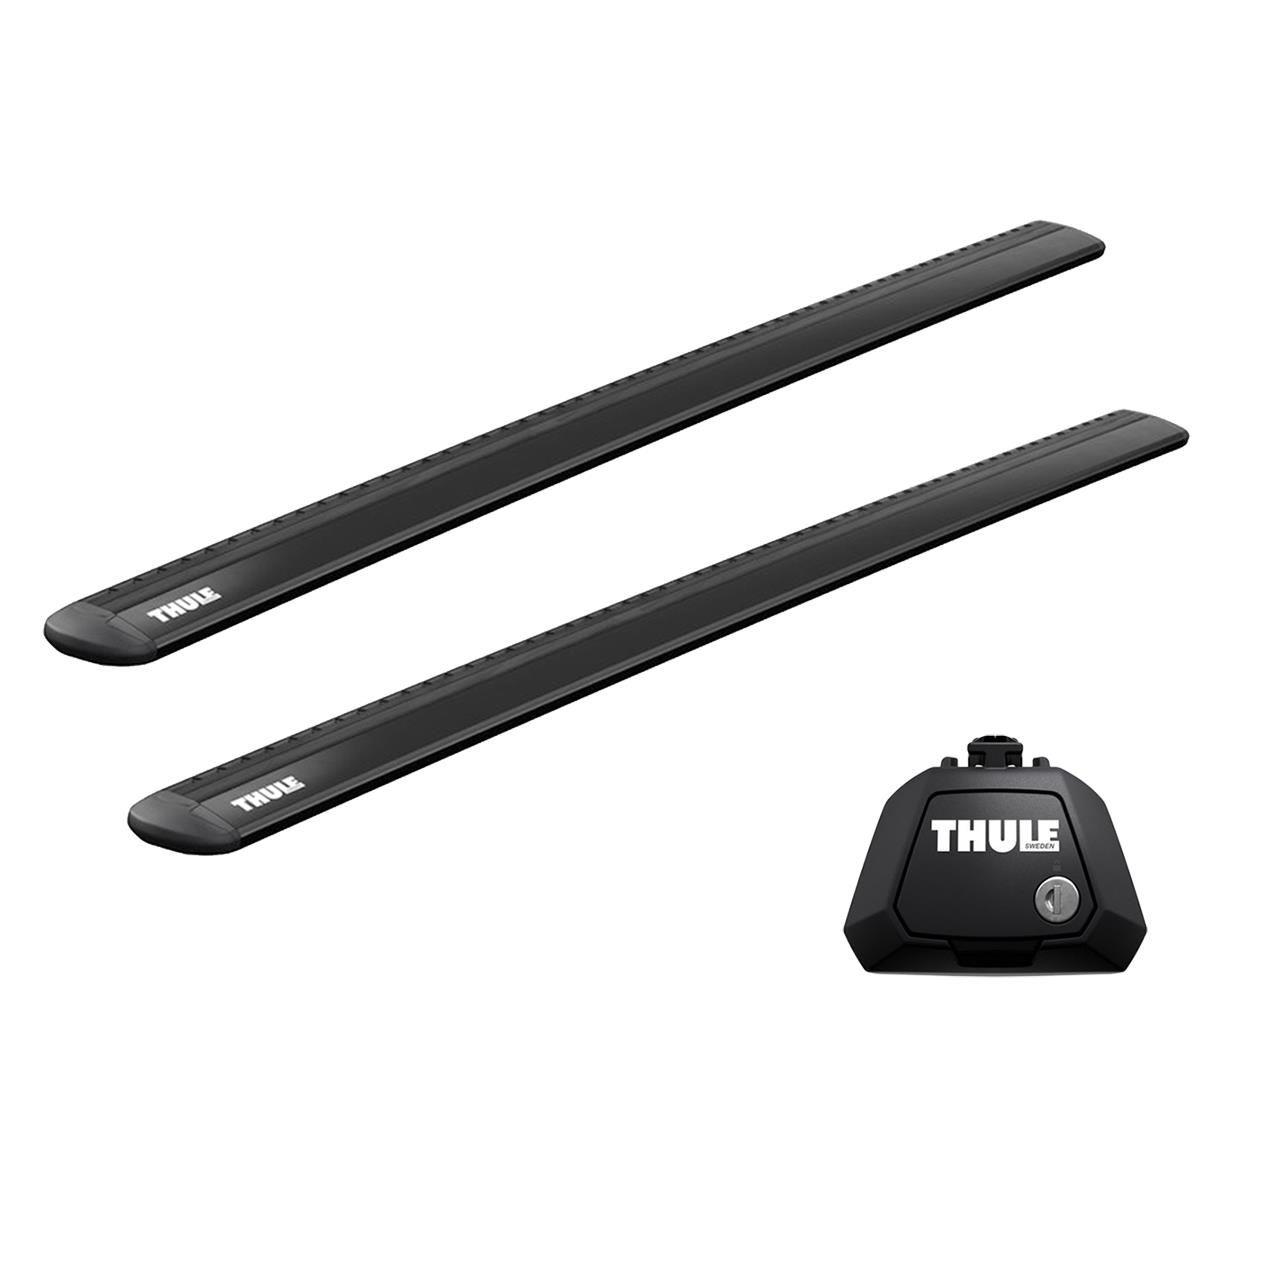 Напречни греди Thule Evo Raised Rail WingBar Evo 127cm в Черно за HONDA Odyssey 5 врати MPV 03-08 с фабрични надлъжни греди с просвет 1